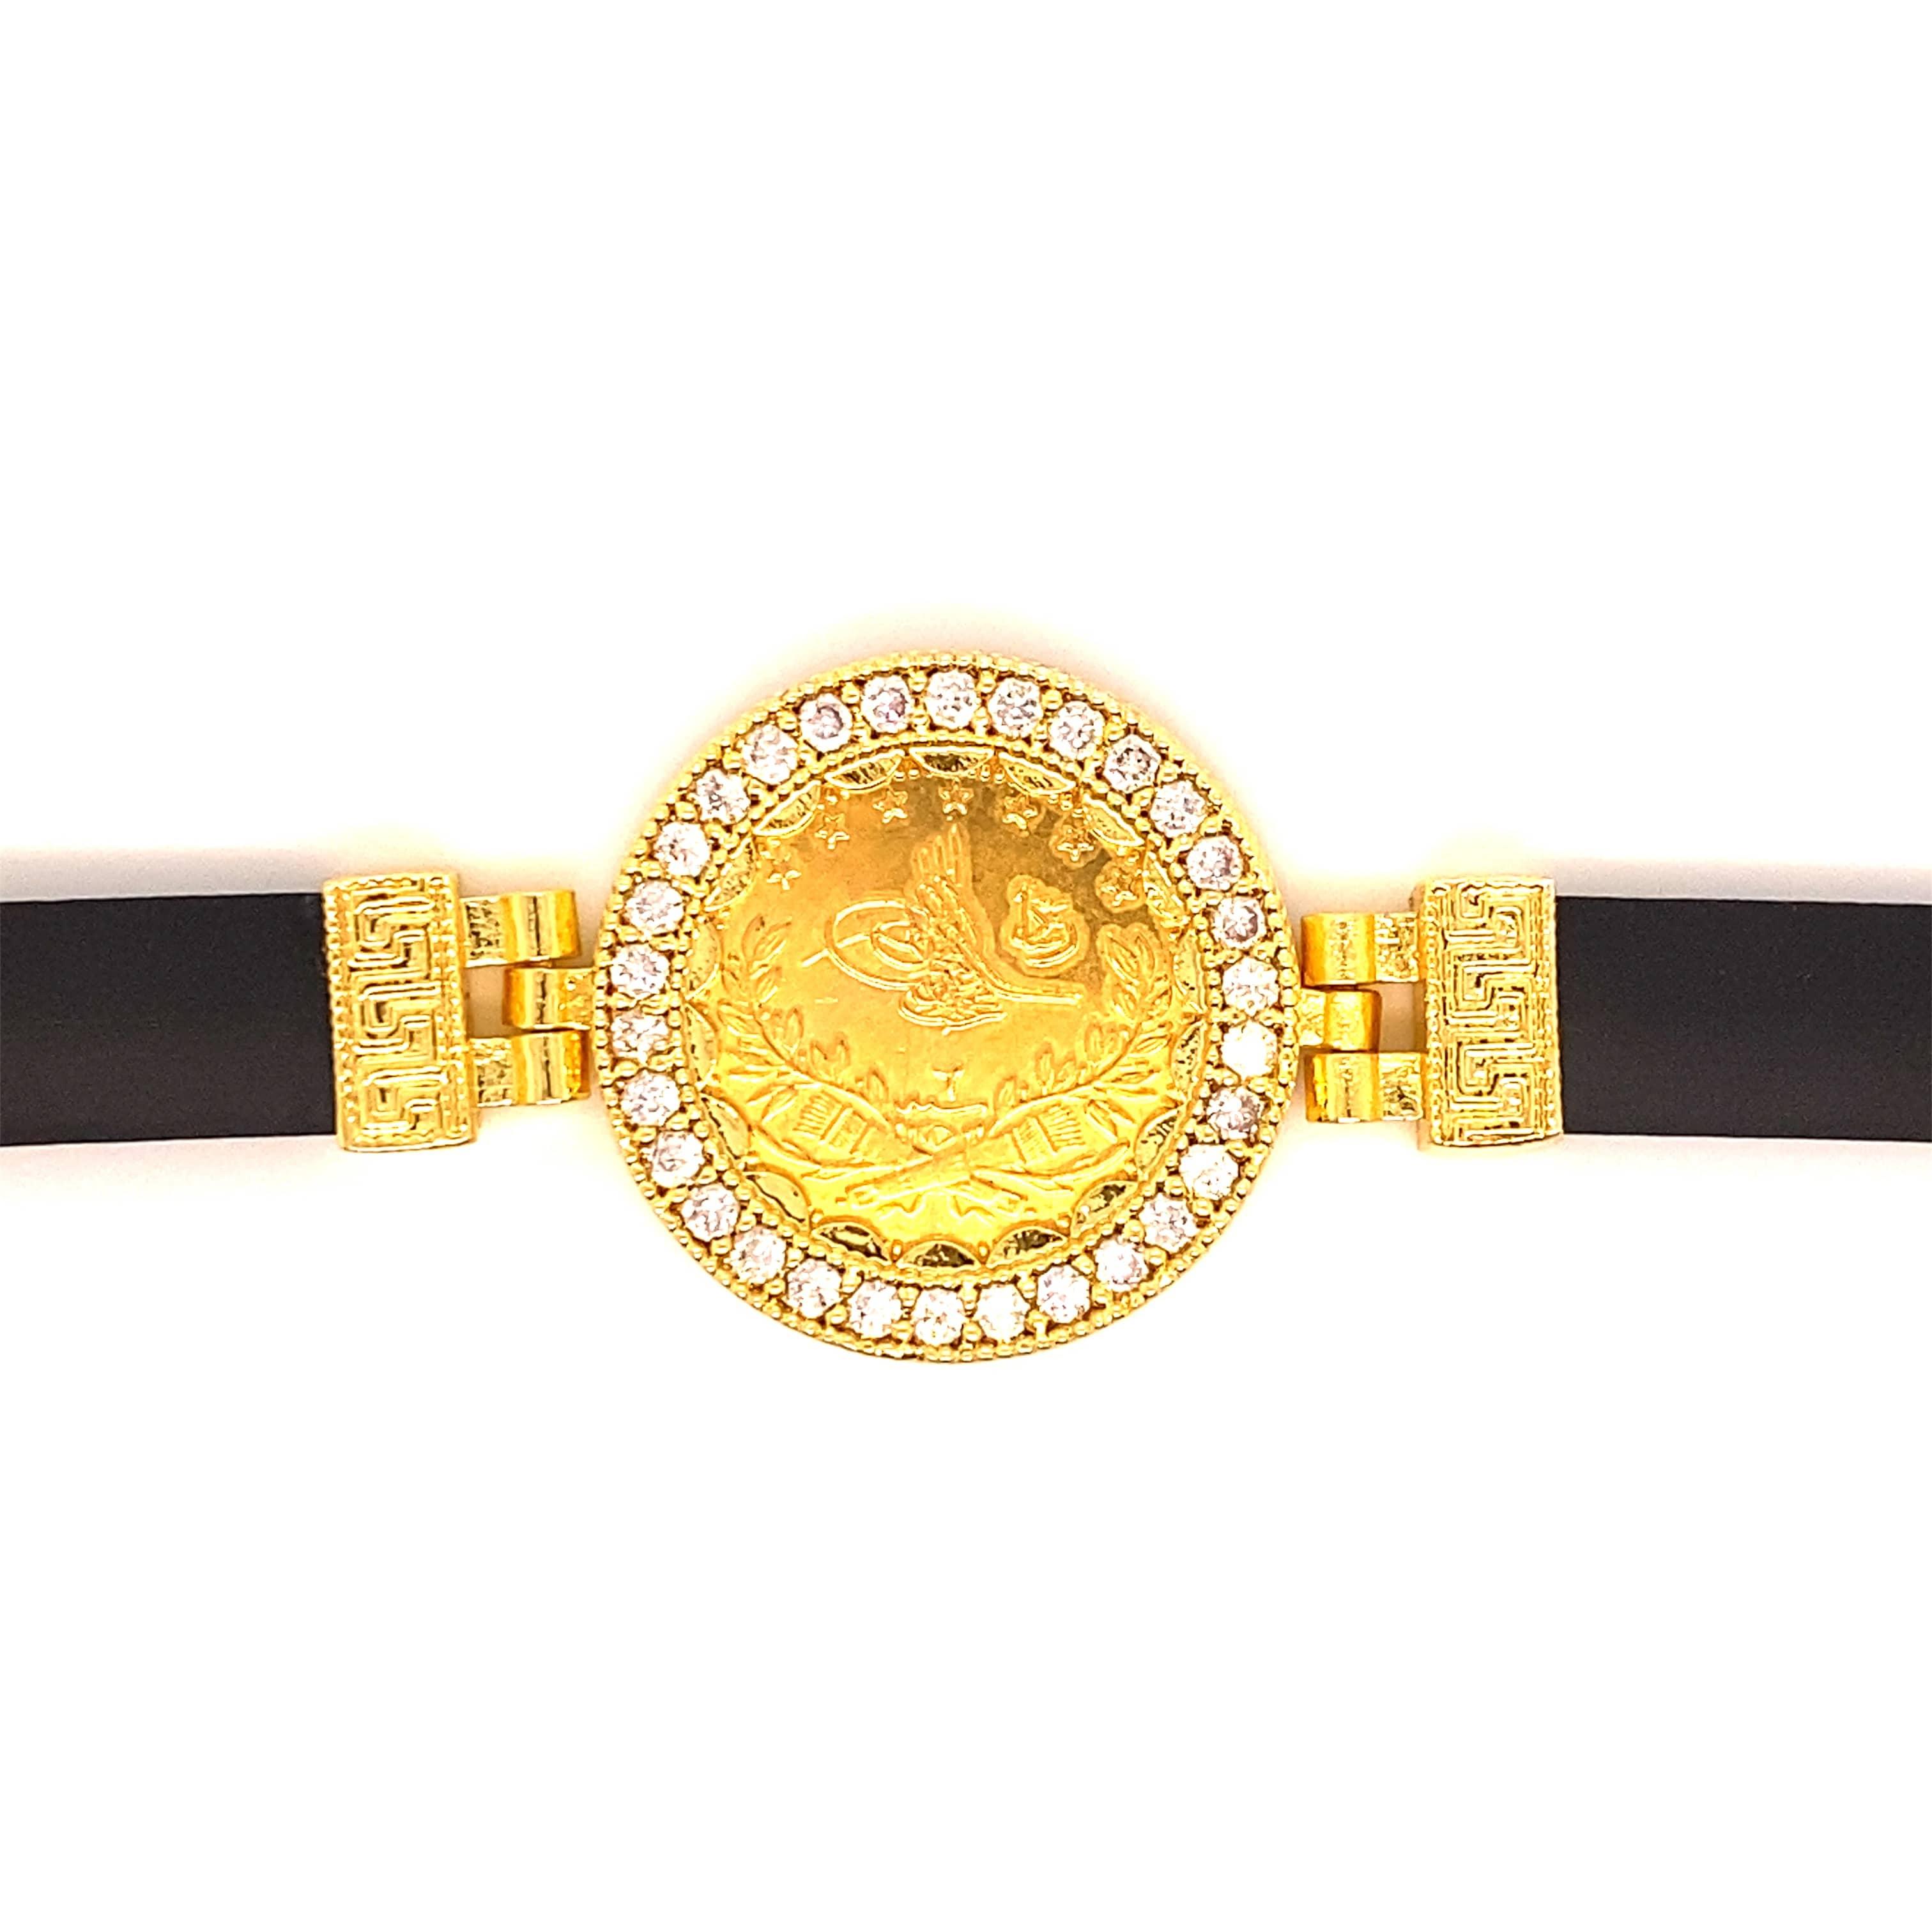 Kautschuk Armband für Münze